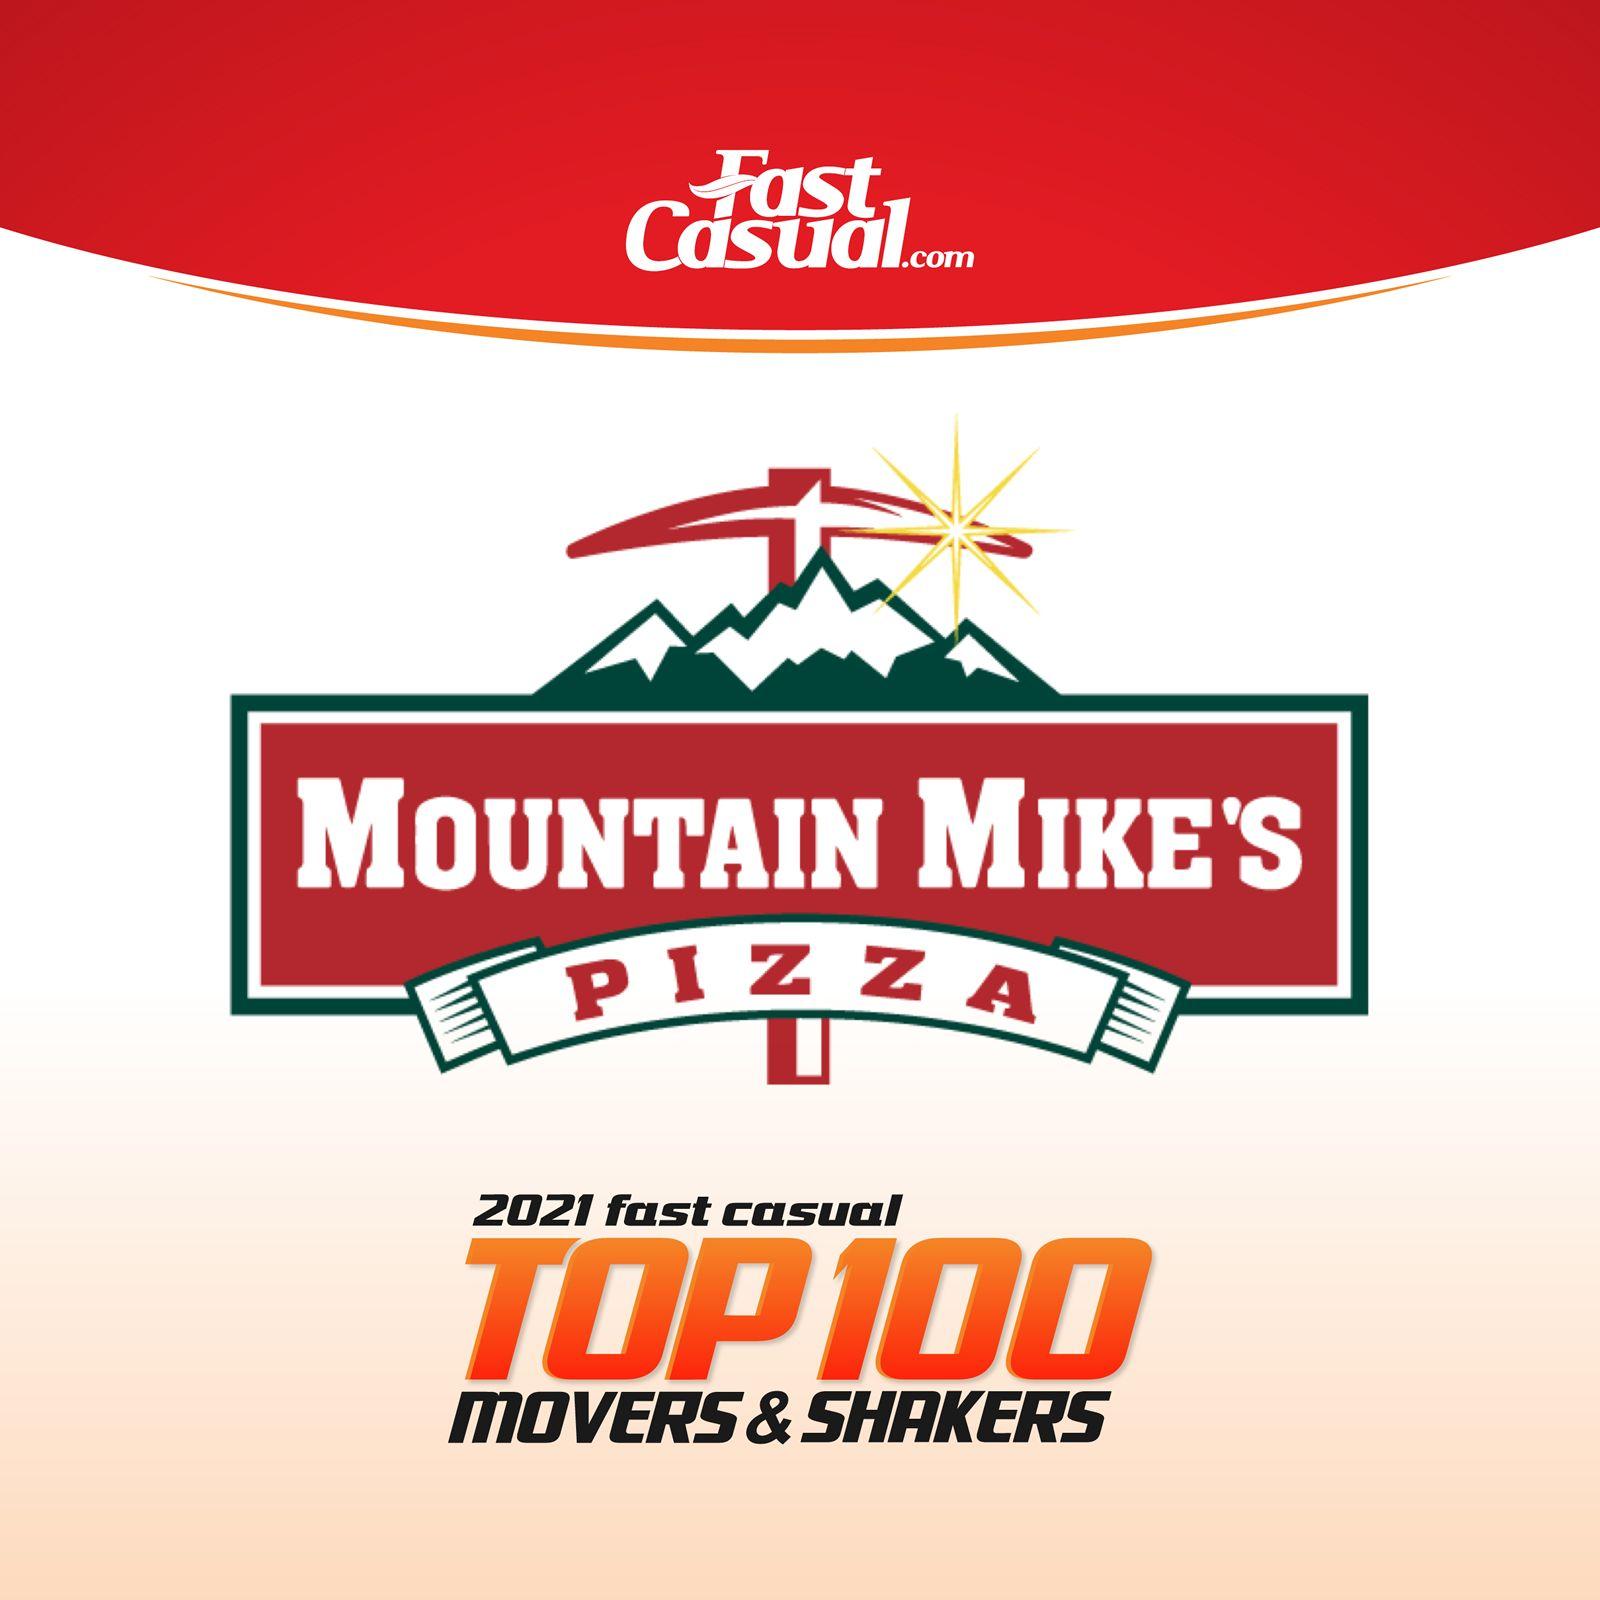 Mountain Mike's Pizza fait ses débuts à la 19e place du Top 100 des Movers & Shakers de Fast Casual